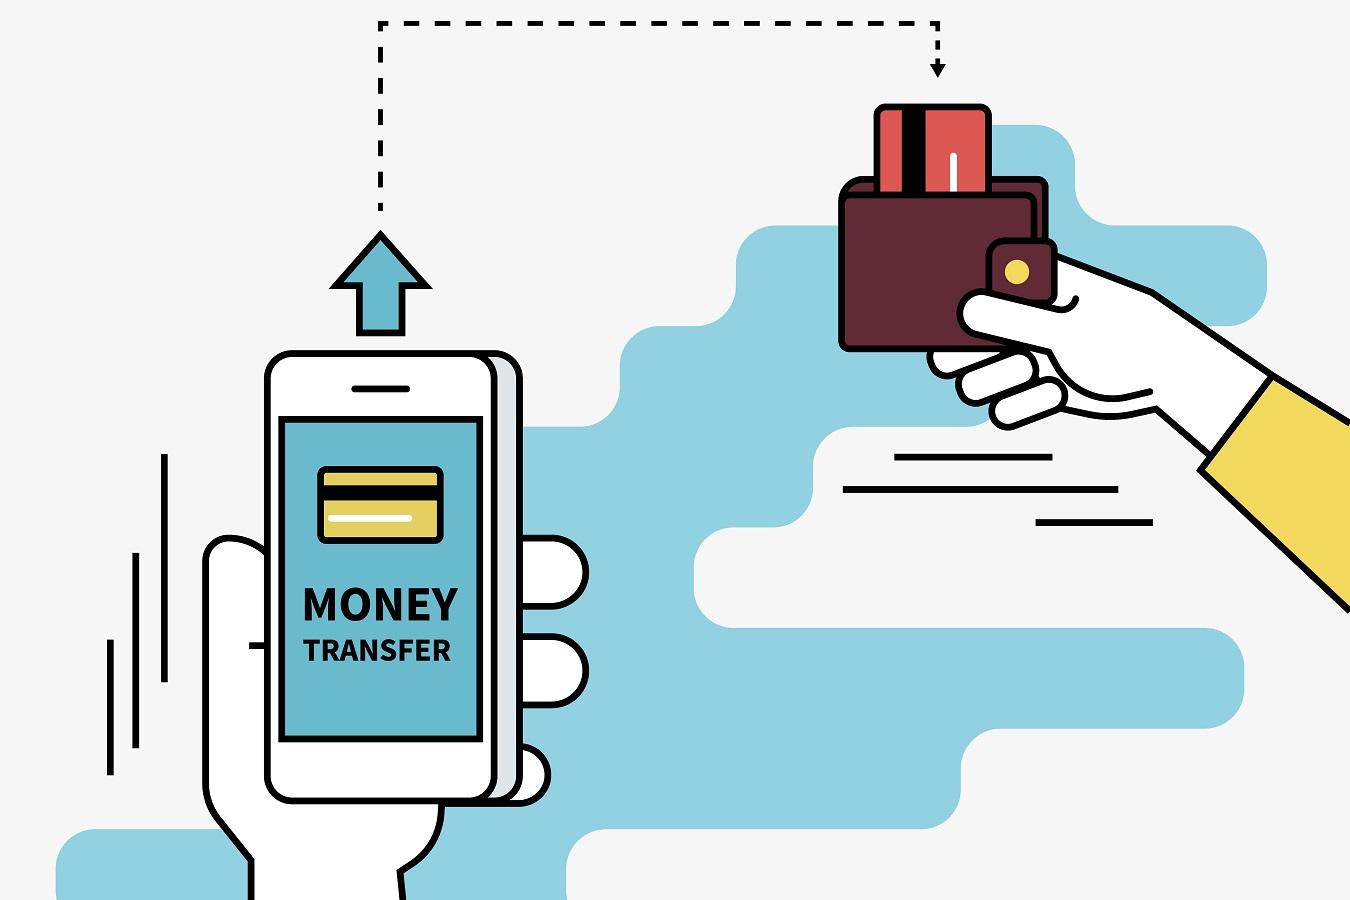 Methods of money transfer